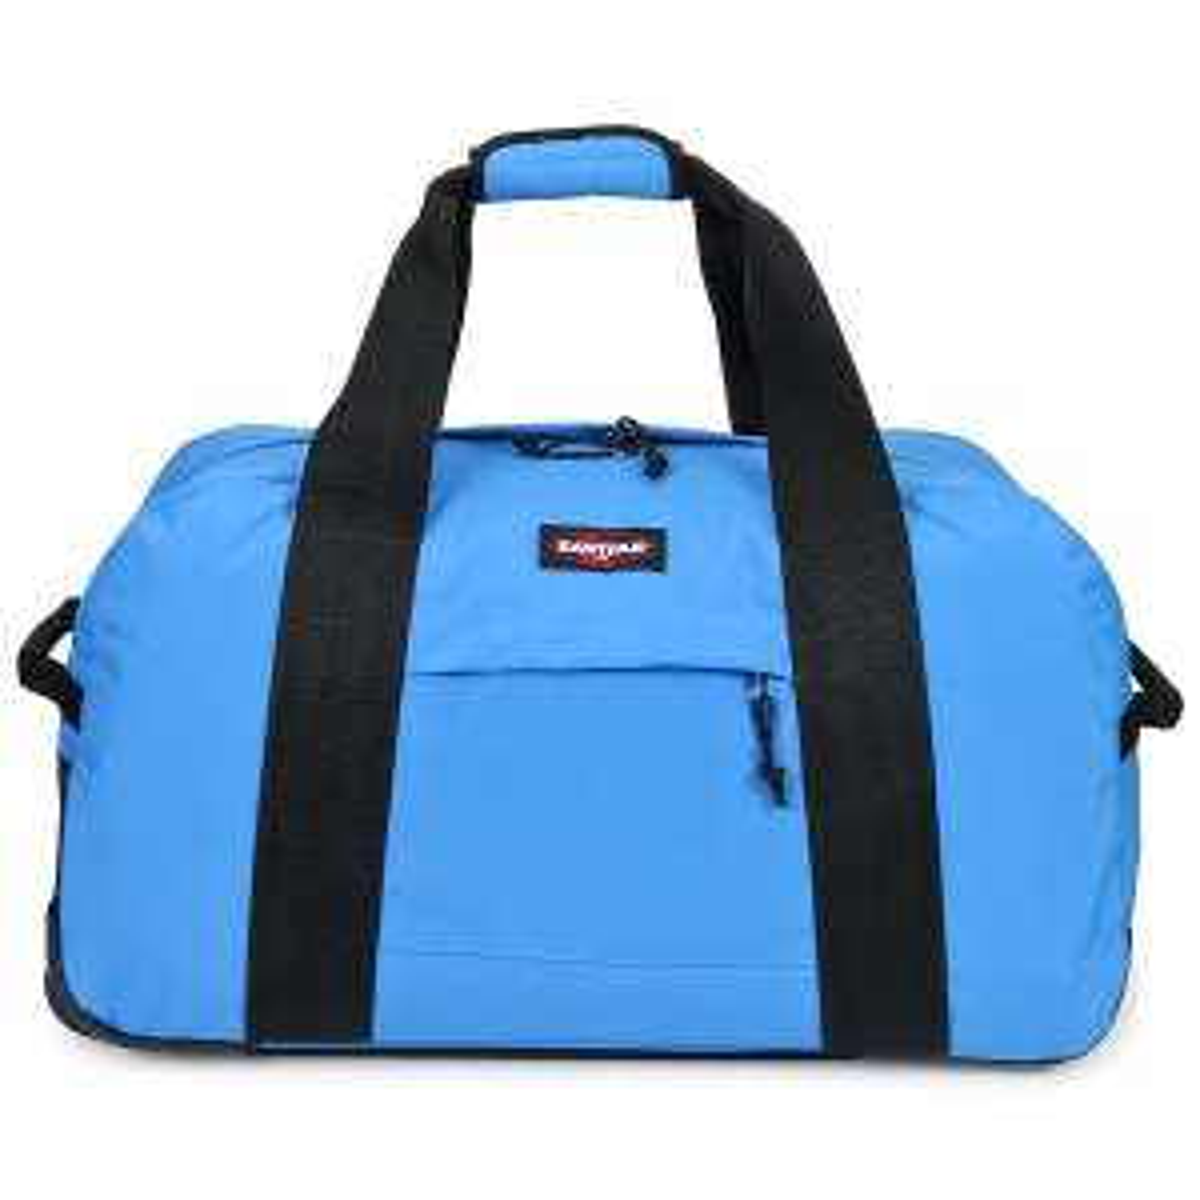 Eastpak Container 65 Reistas (blauw) voor €30,48 @ Spartoo